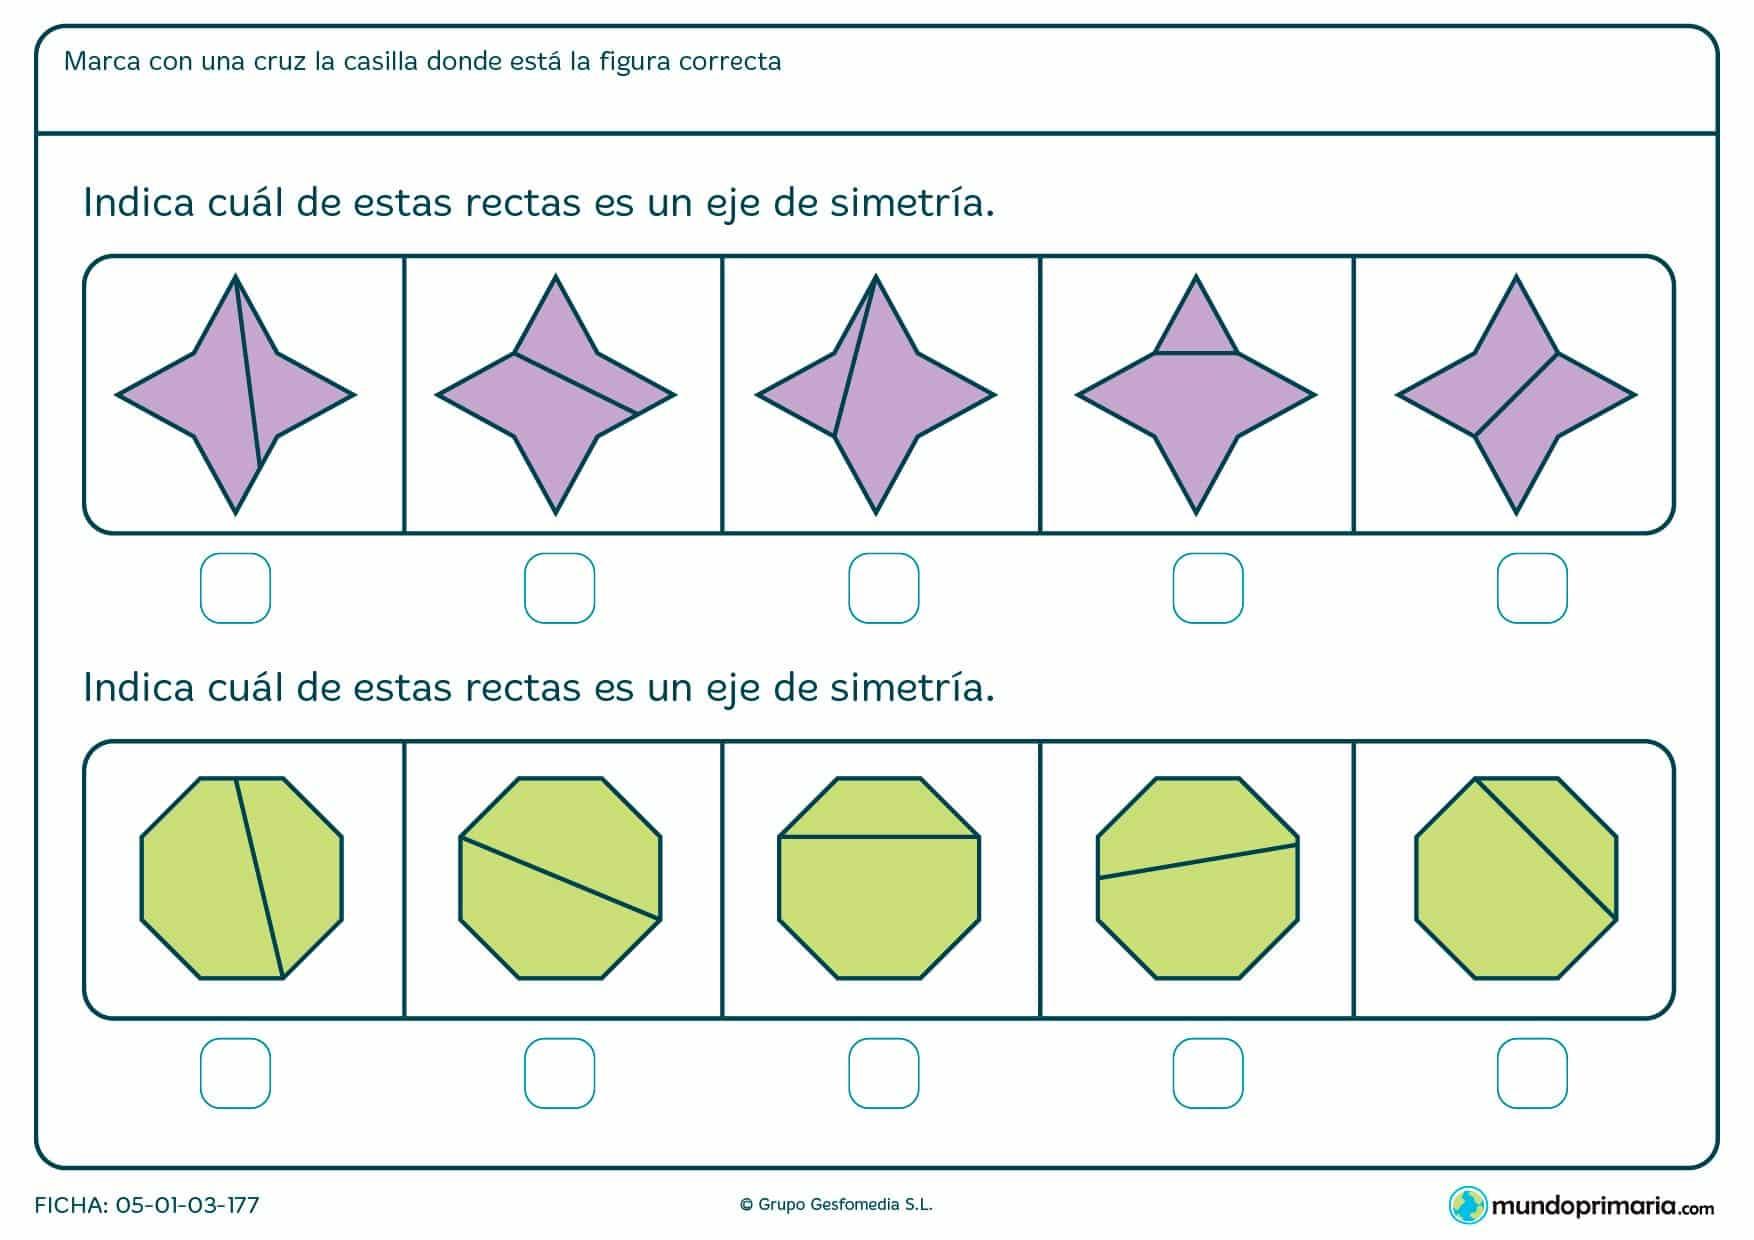 Ficha de eje de simetría en octógonos y estrellas. ¿Cuáles son los correctos? Marca la respuesta.